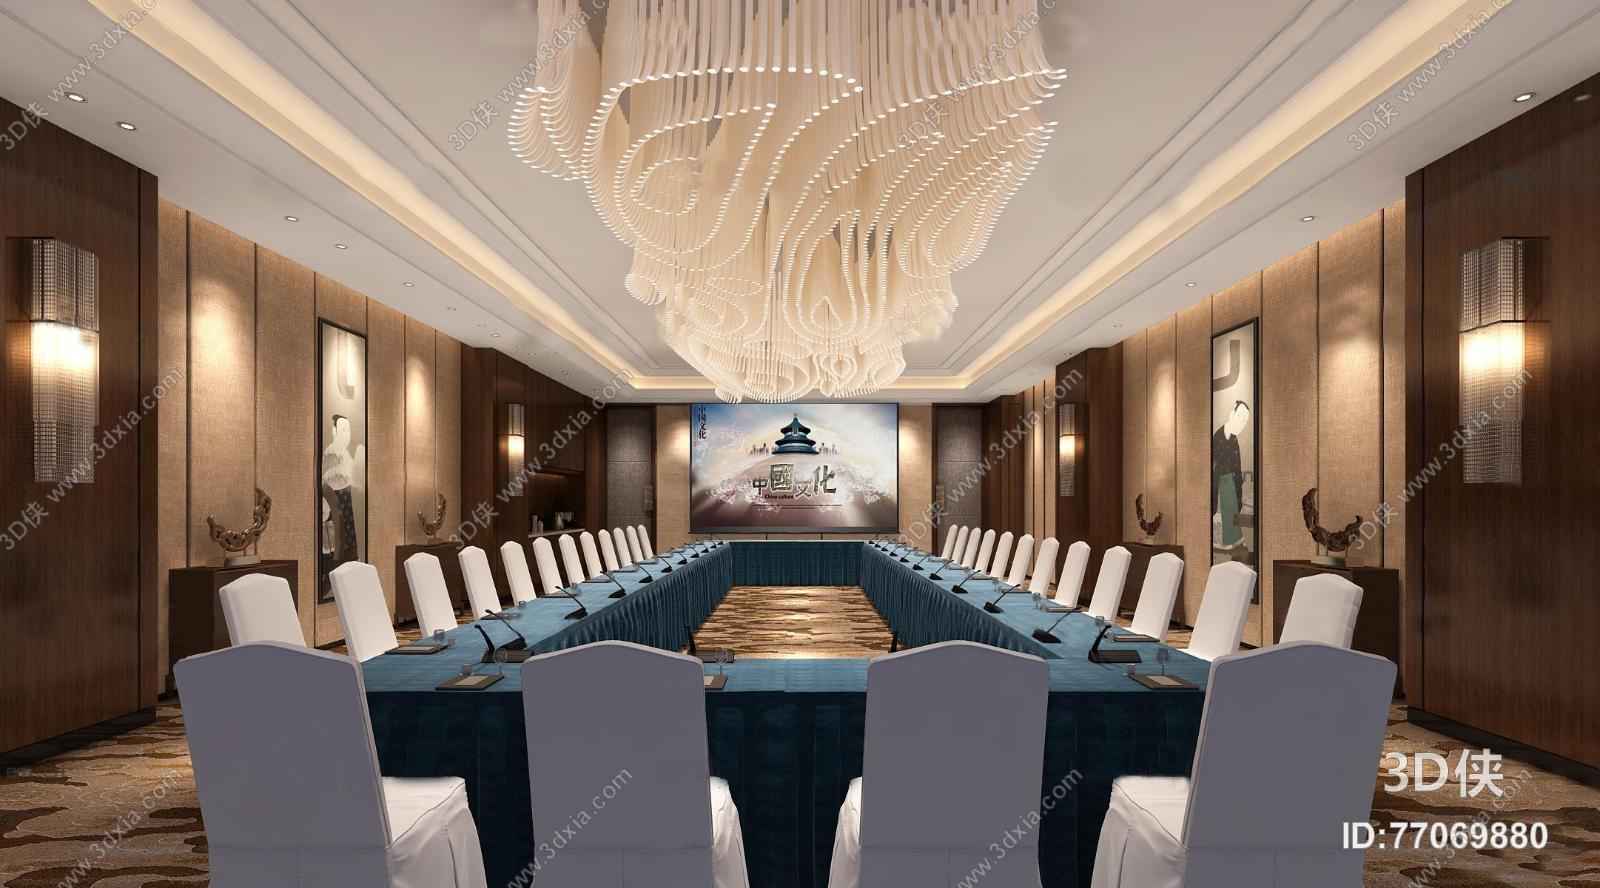 会议室效果图素材免费下载,本作品主题是中式酒店会议室3d模型,编号是